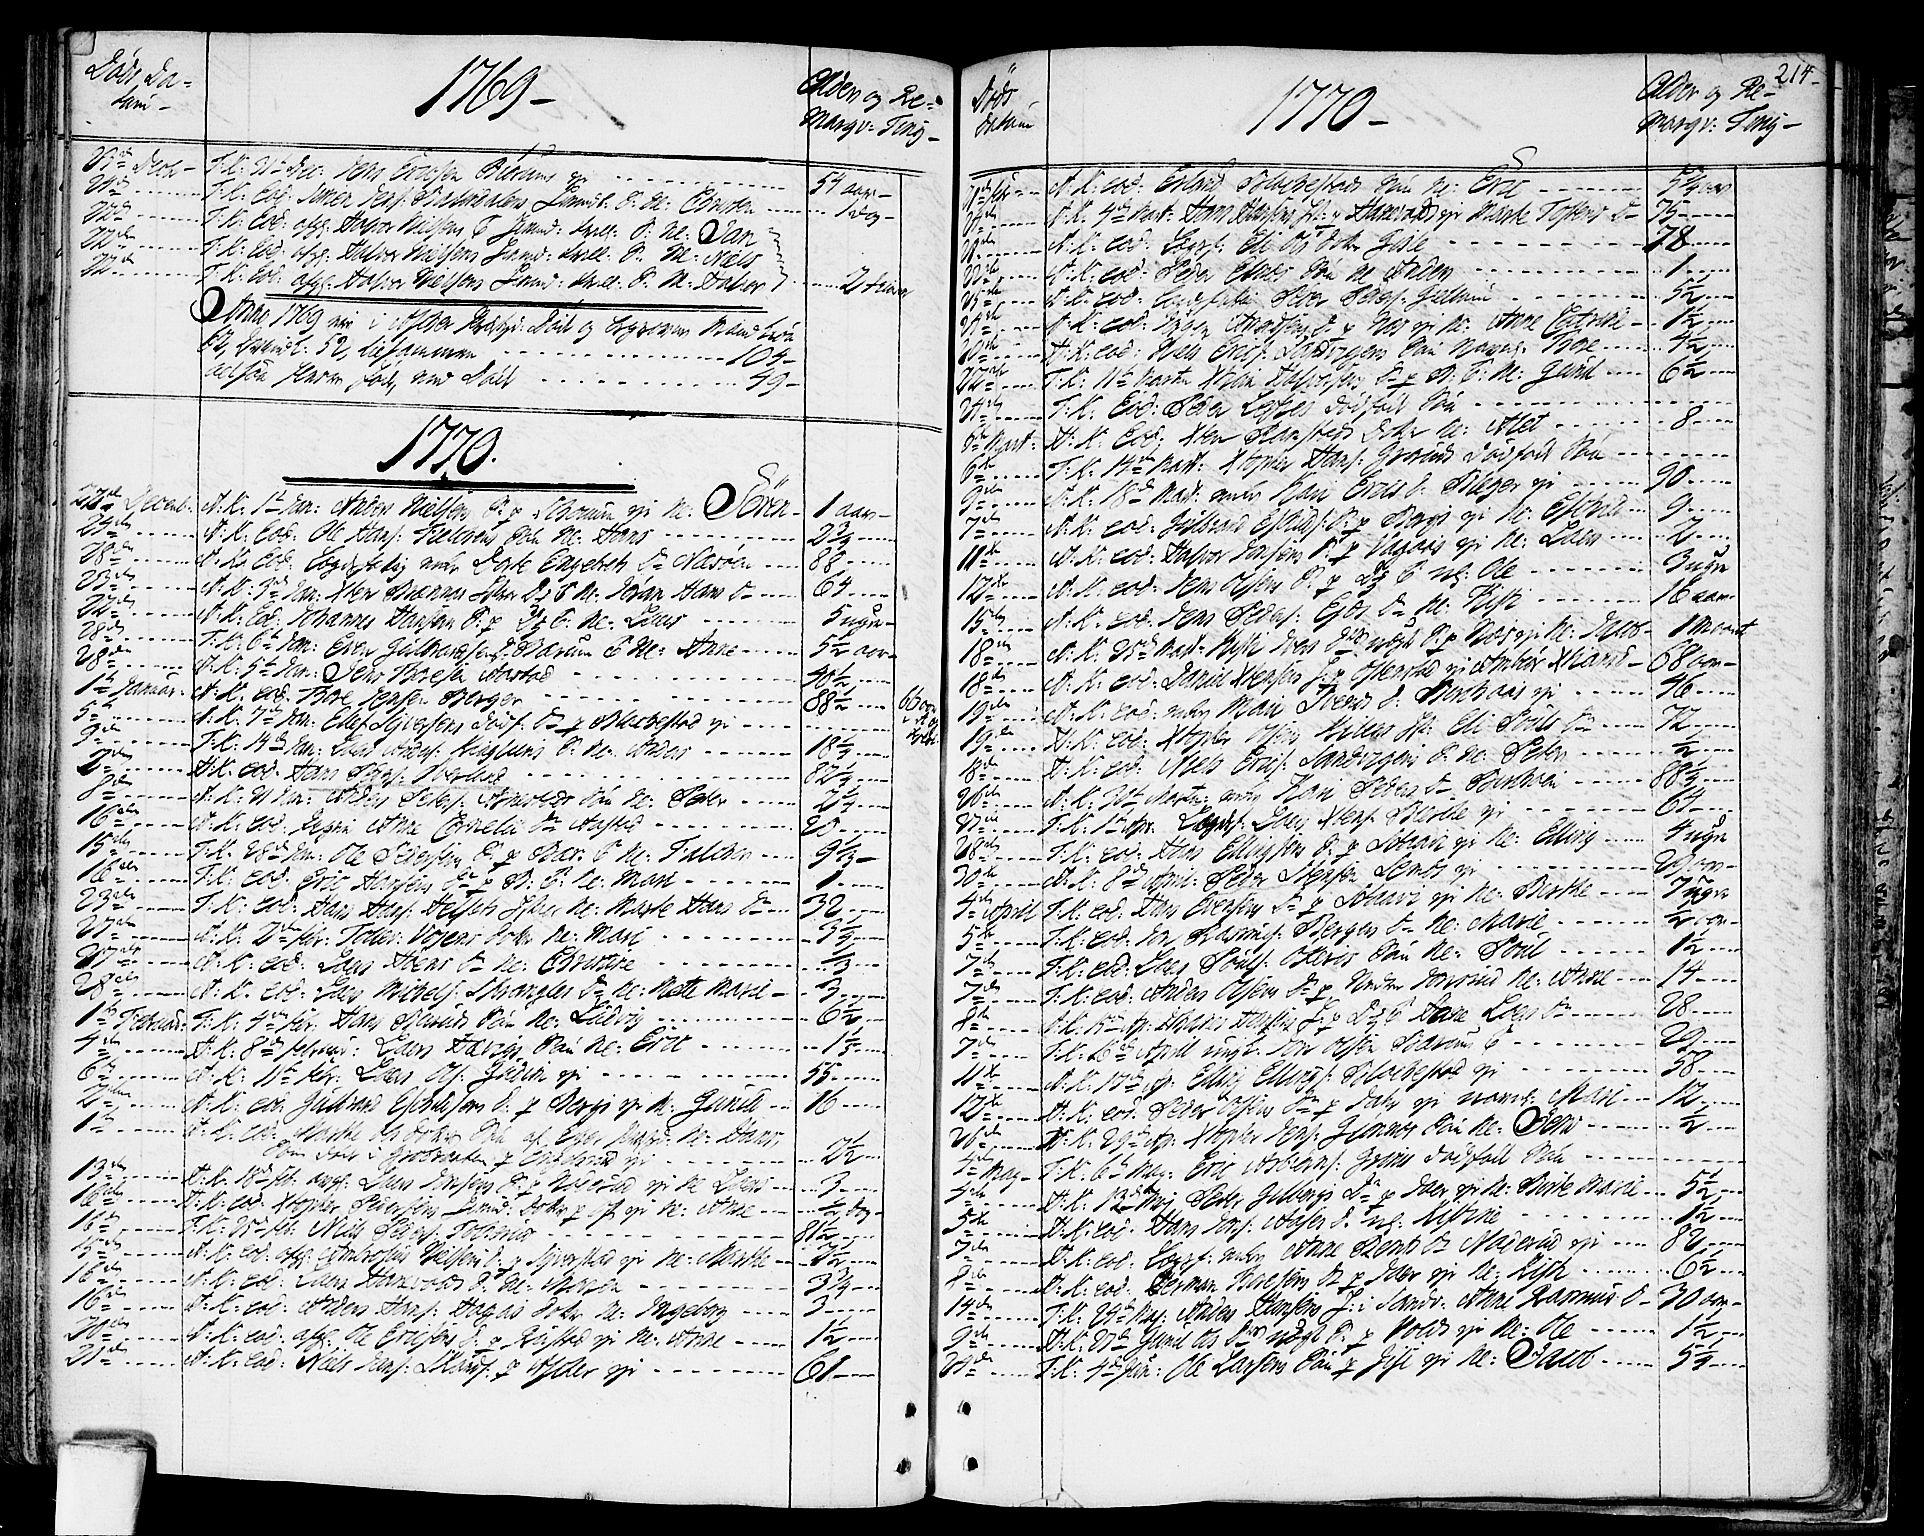 SAO, Asker prestekontor Kirkebøker, F/Fa/L0003: Ministerialbok nr. I 3, 1767-1807, s. 214